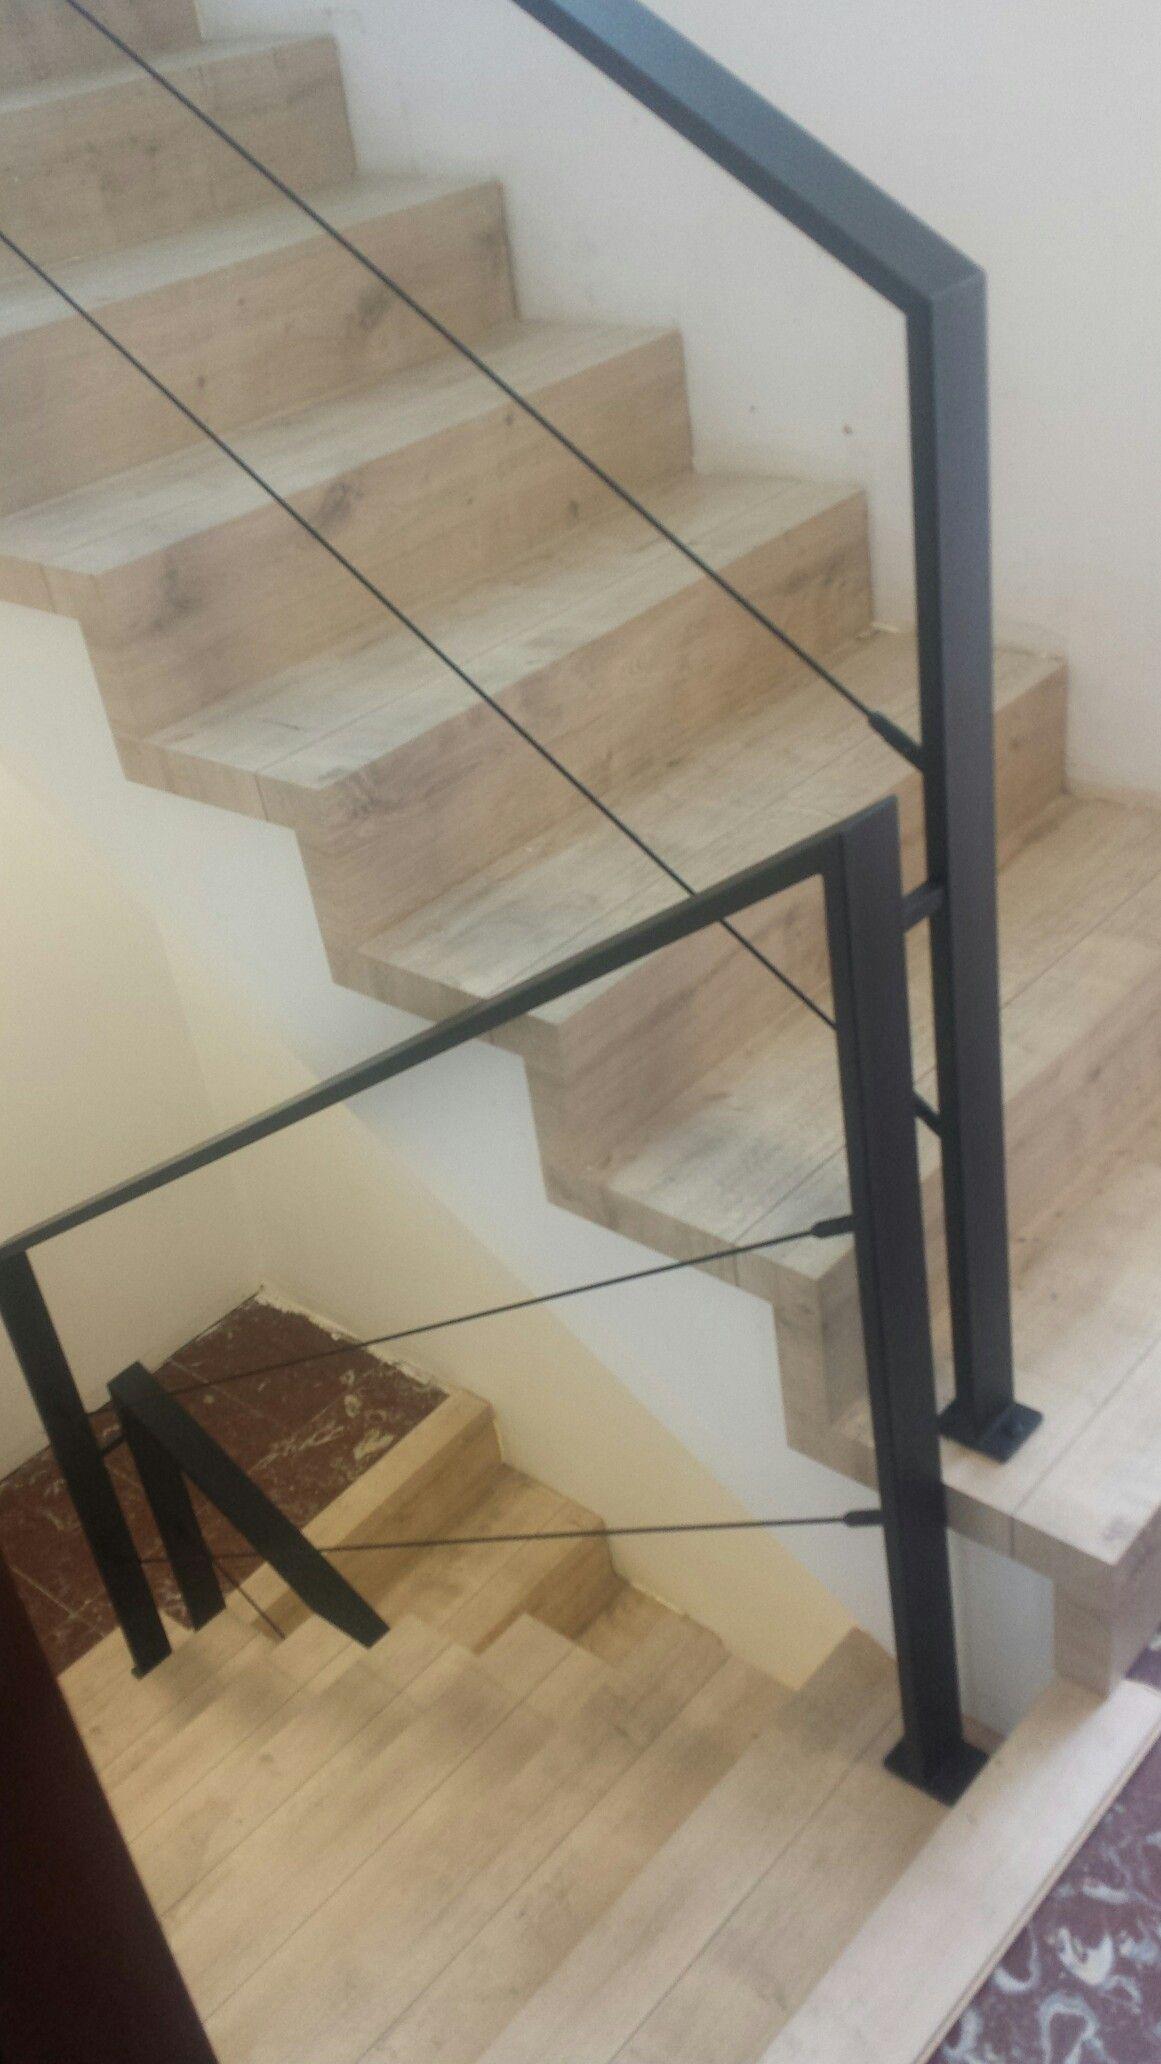 Barandilla escalera dise o industrial barandillas for Escaleras 7 peldanos precio